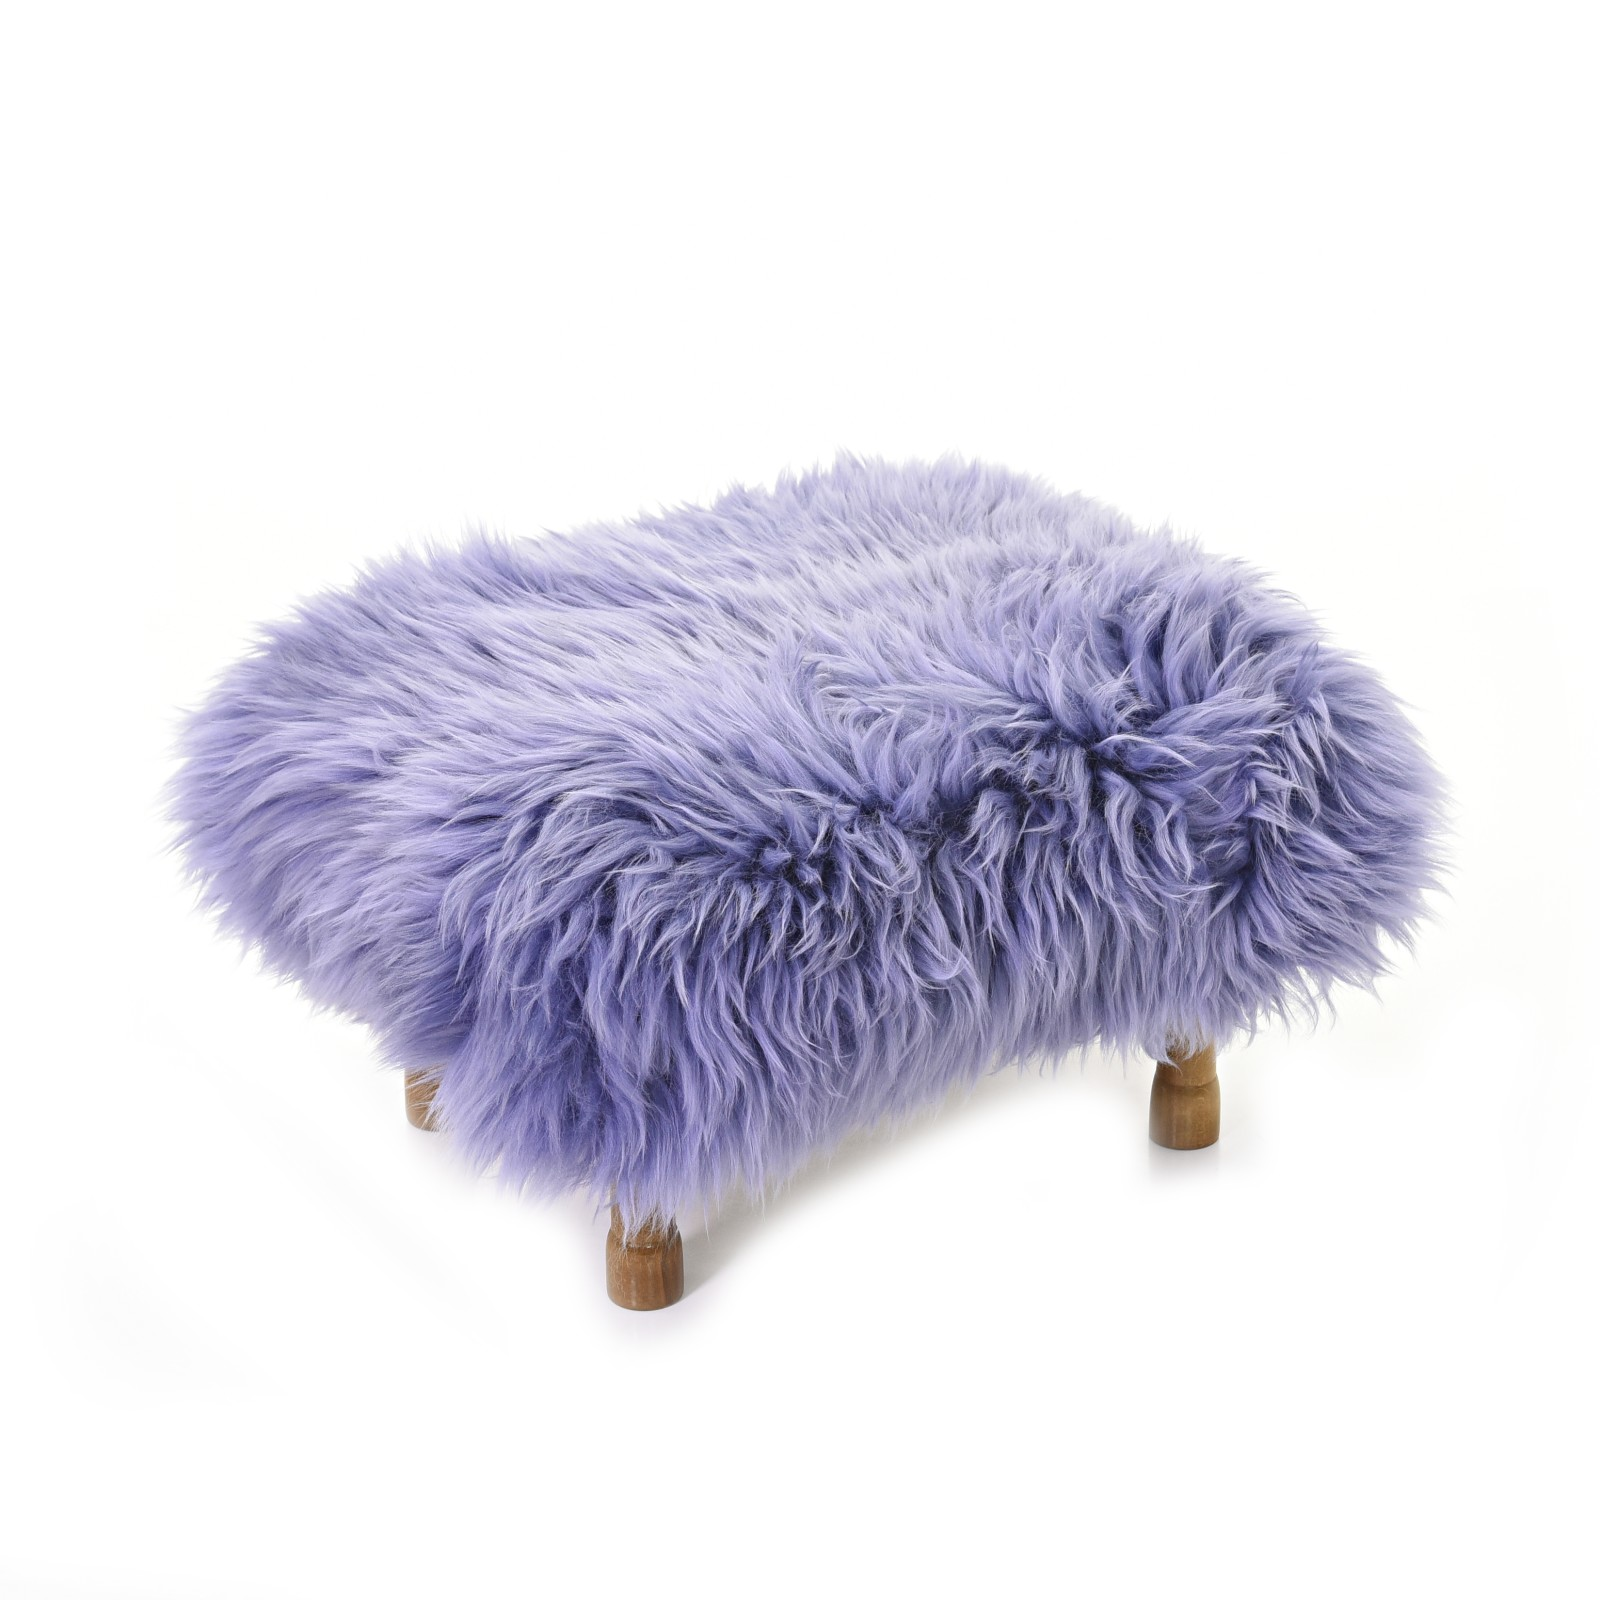 Delyth Sheepskin Footstool Lilac